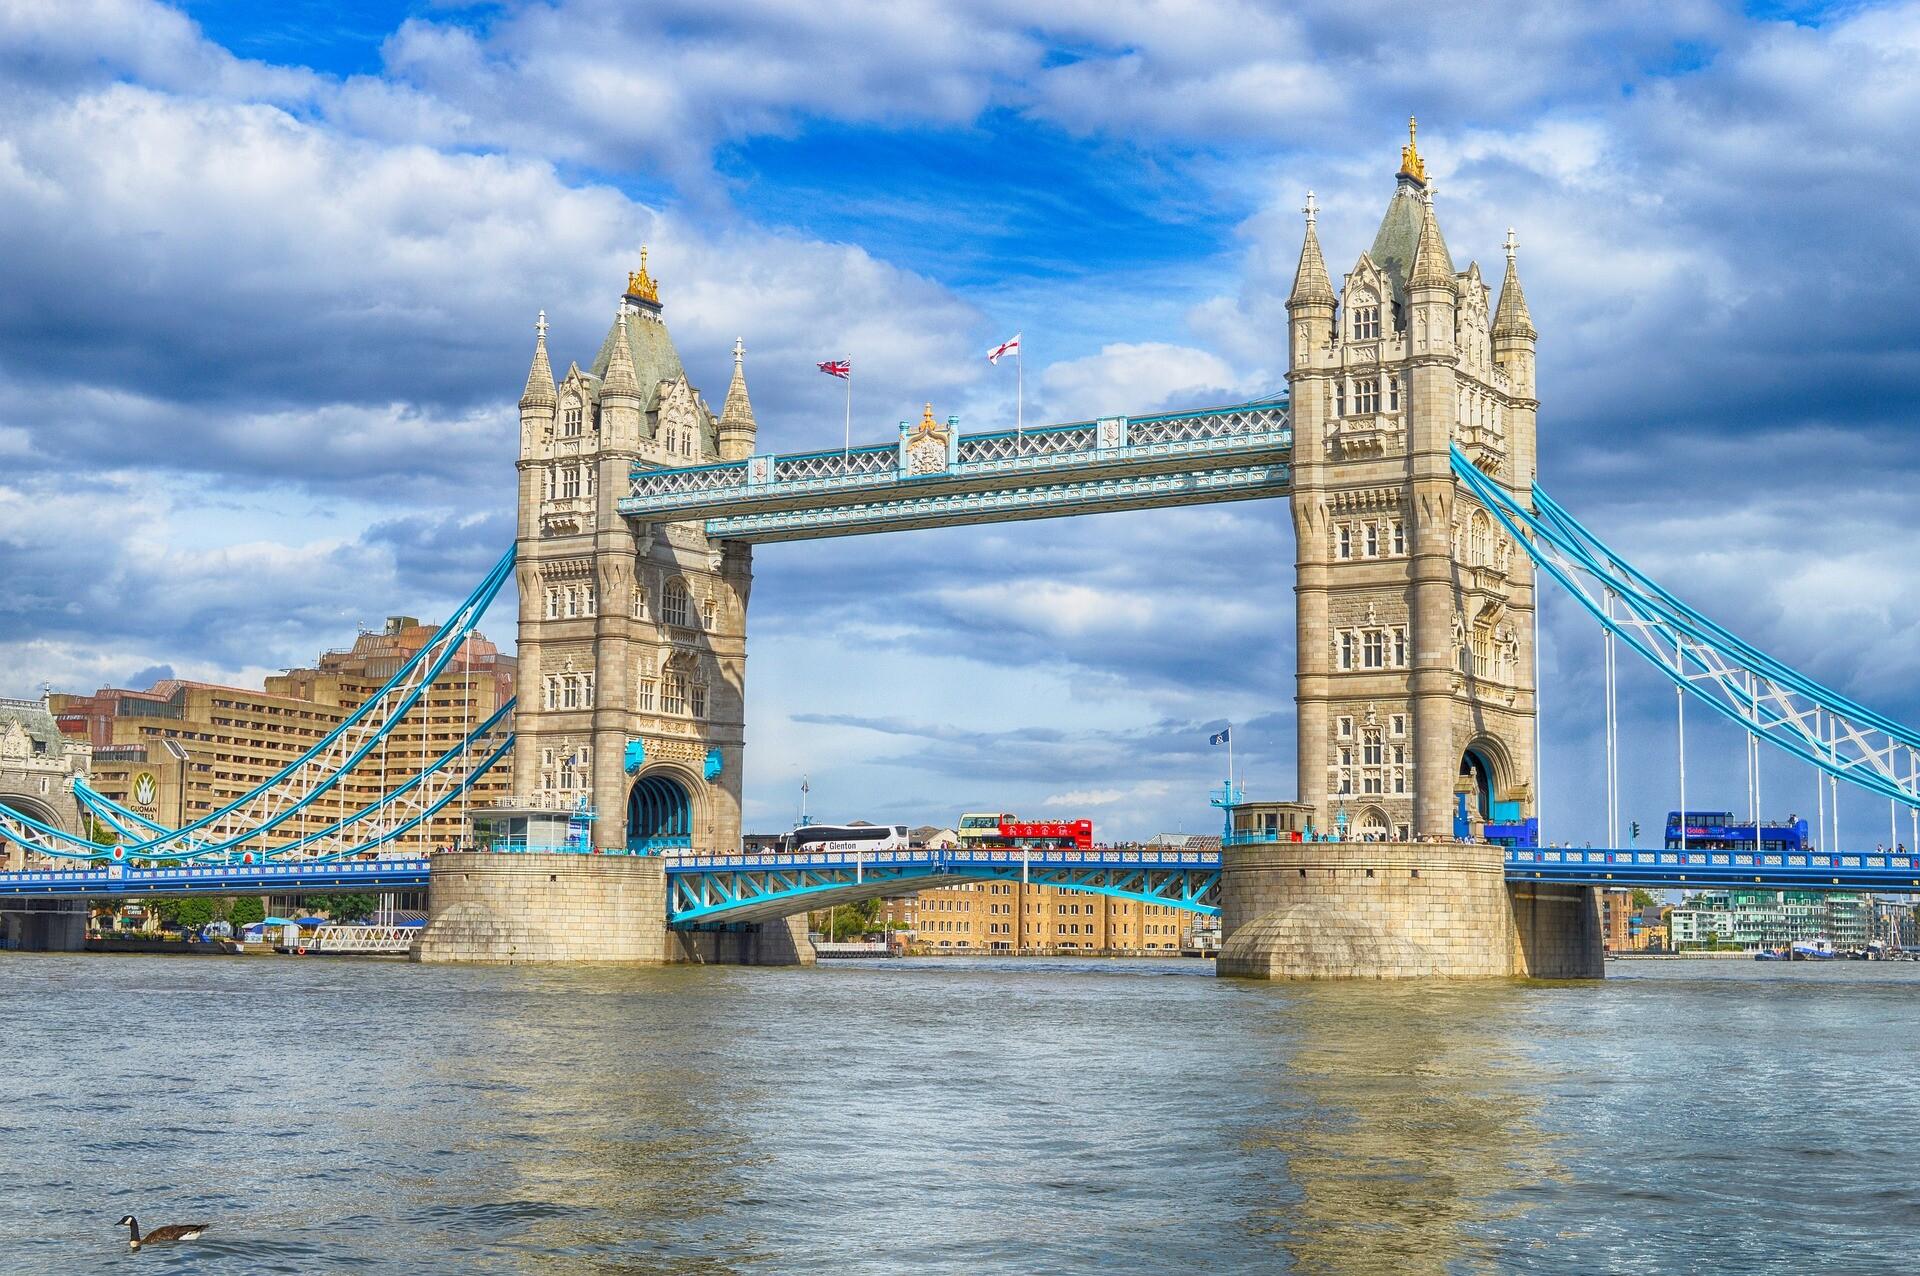 Principales atracciones turísticas de Londres - Lo mejor para hacer en Londres (Parte II)